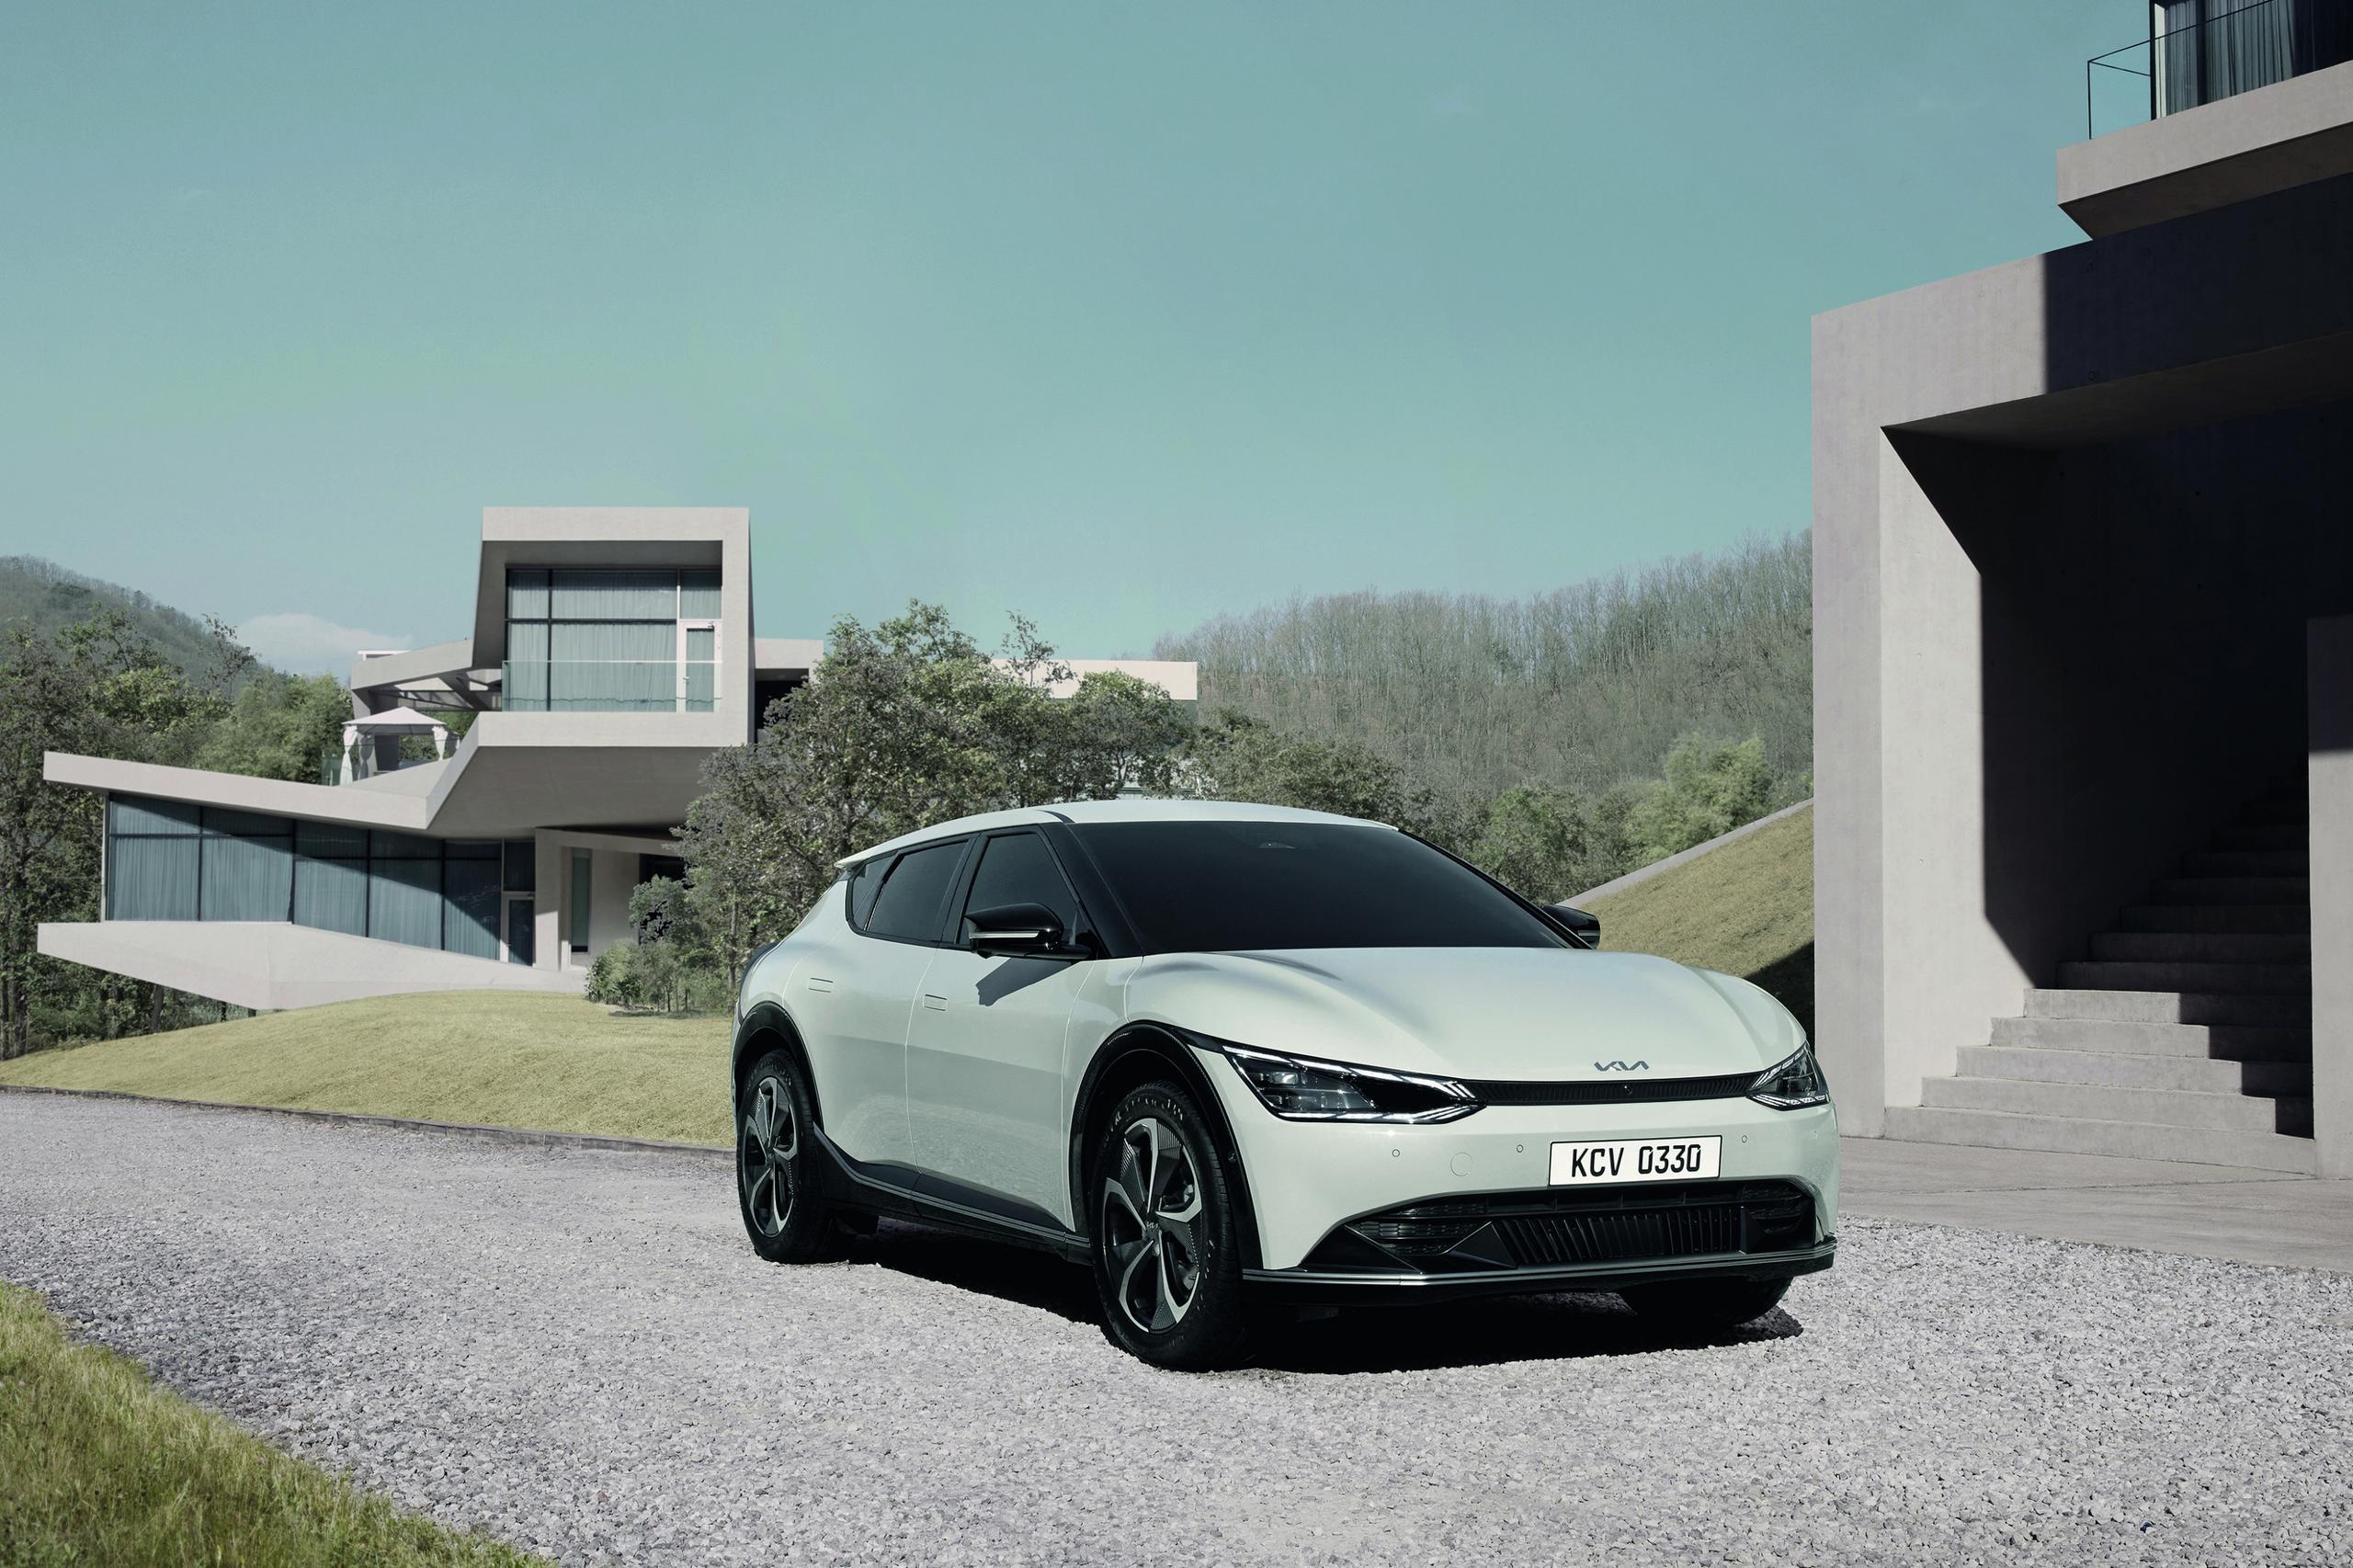 Kia reveals EV6 and a new design philosophy